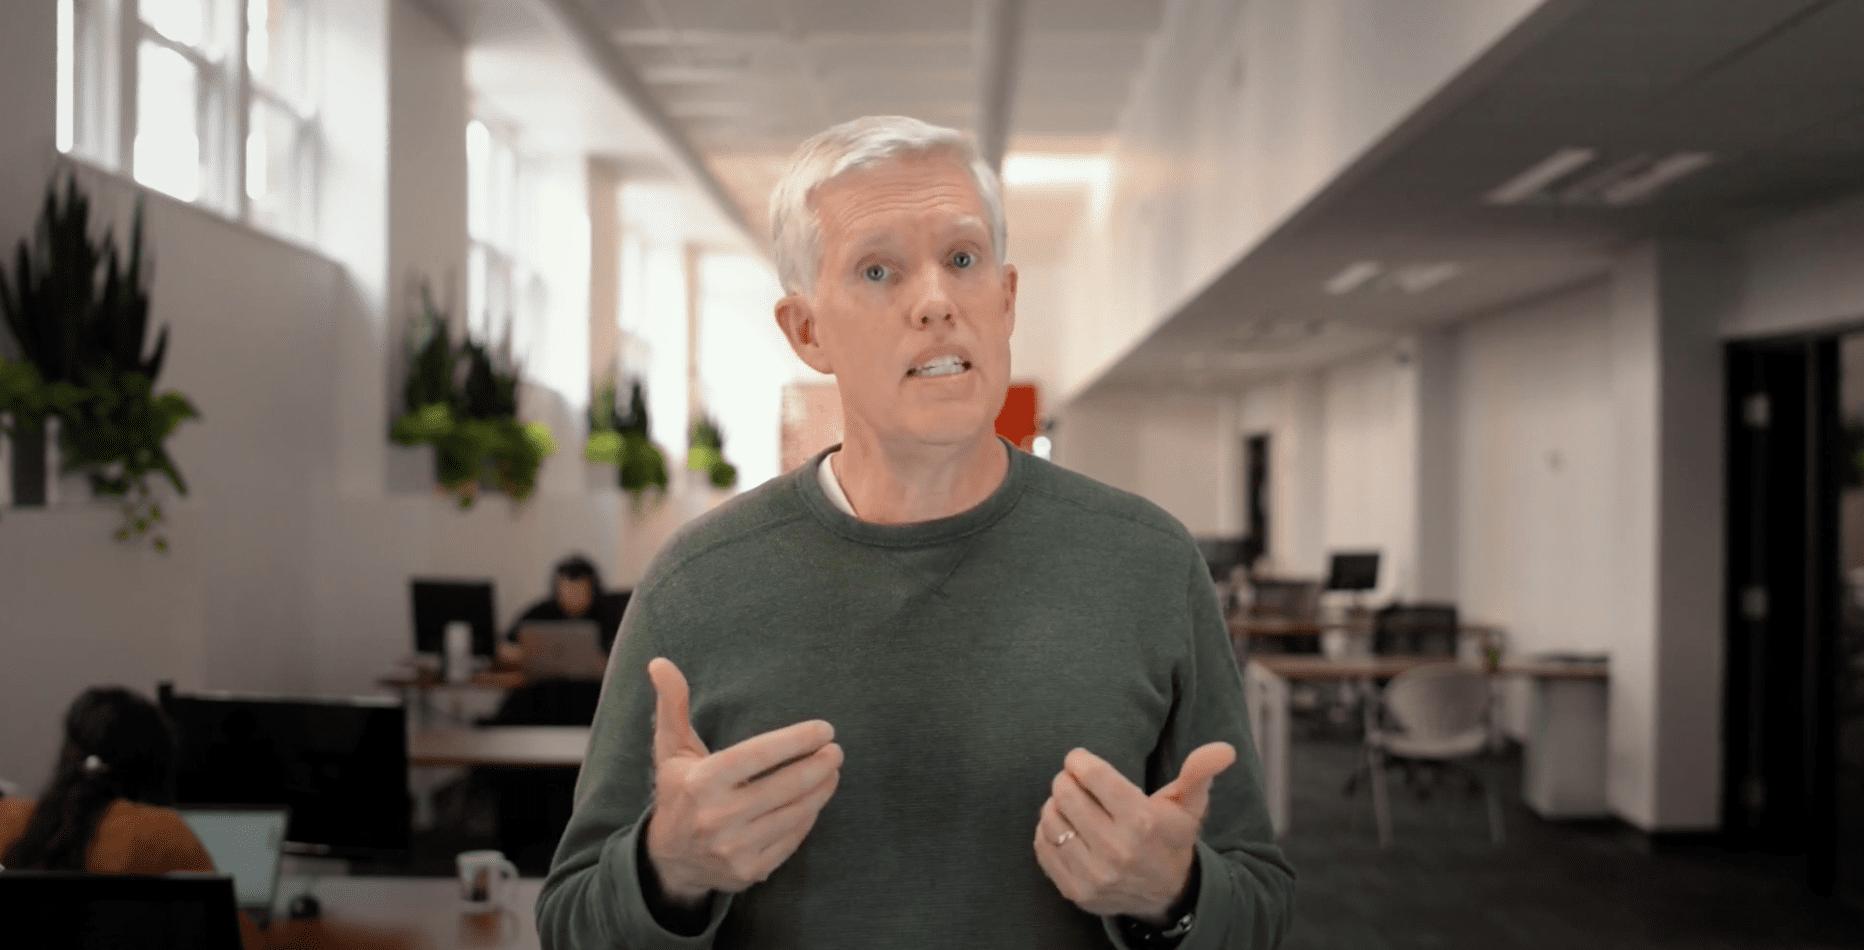 David presenting in a video